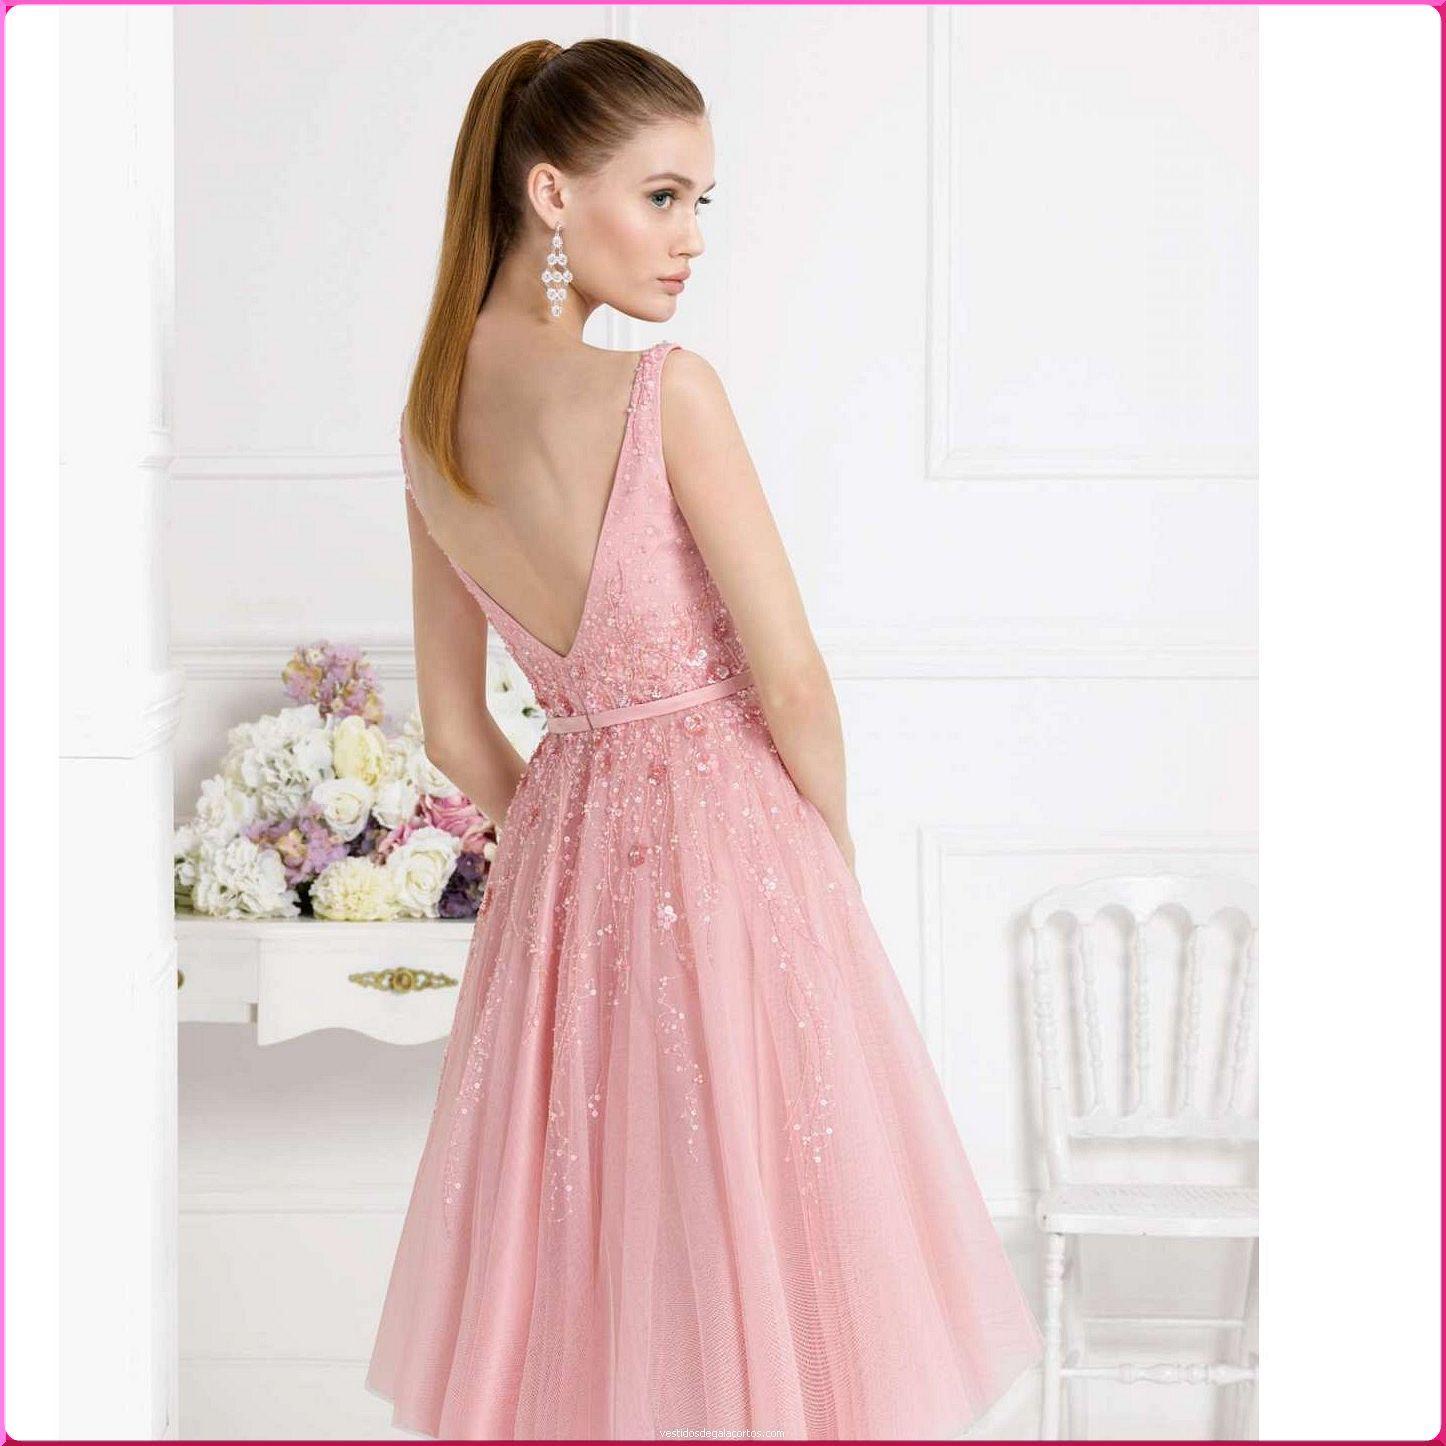 Excepcional Boda Gowns.com Ideas Ornamento Elaboración Festooning ...